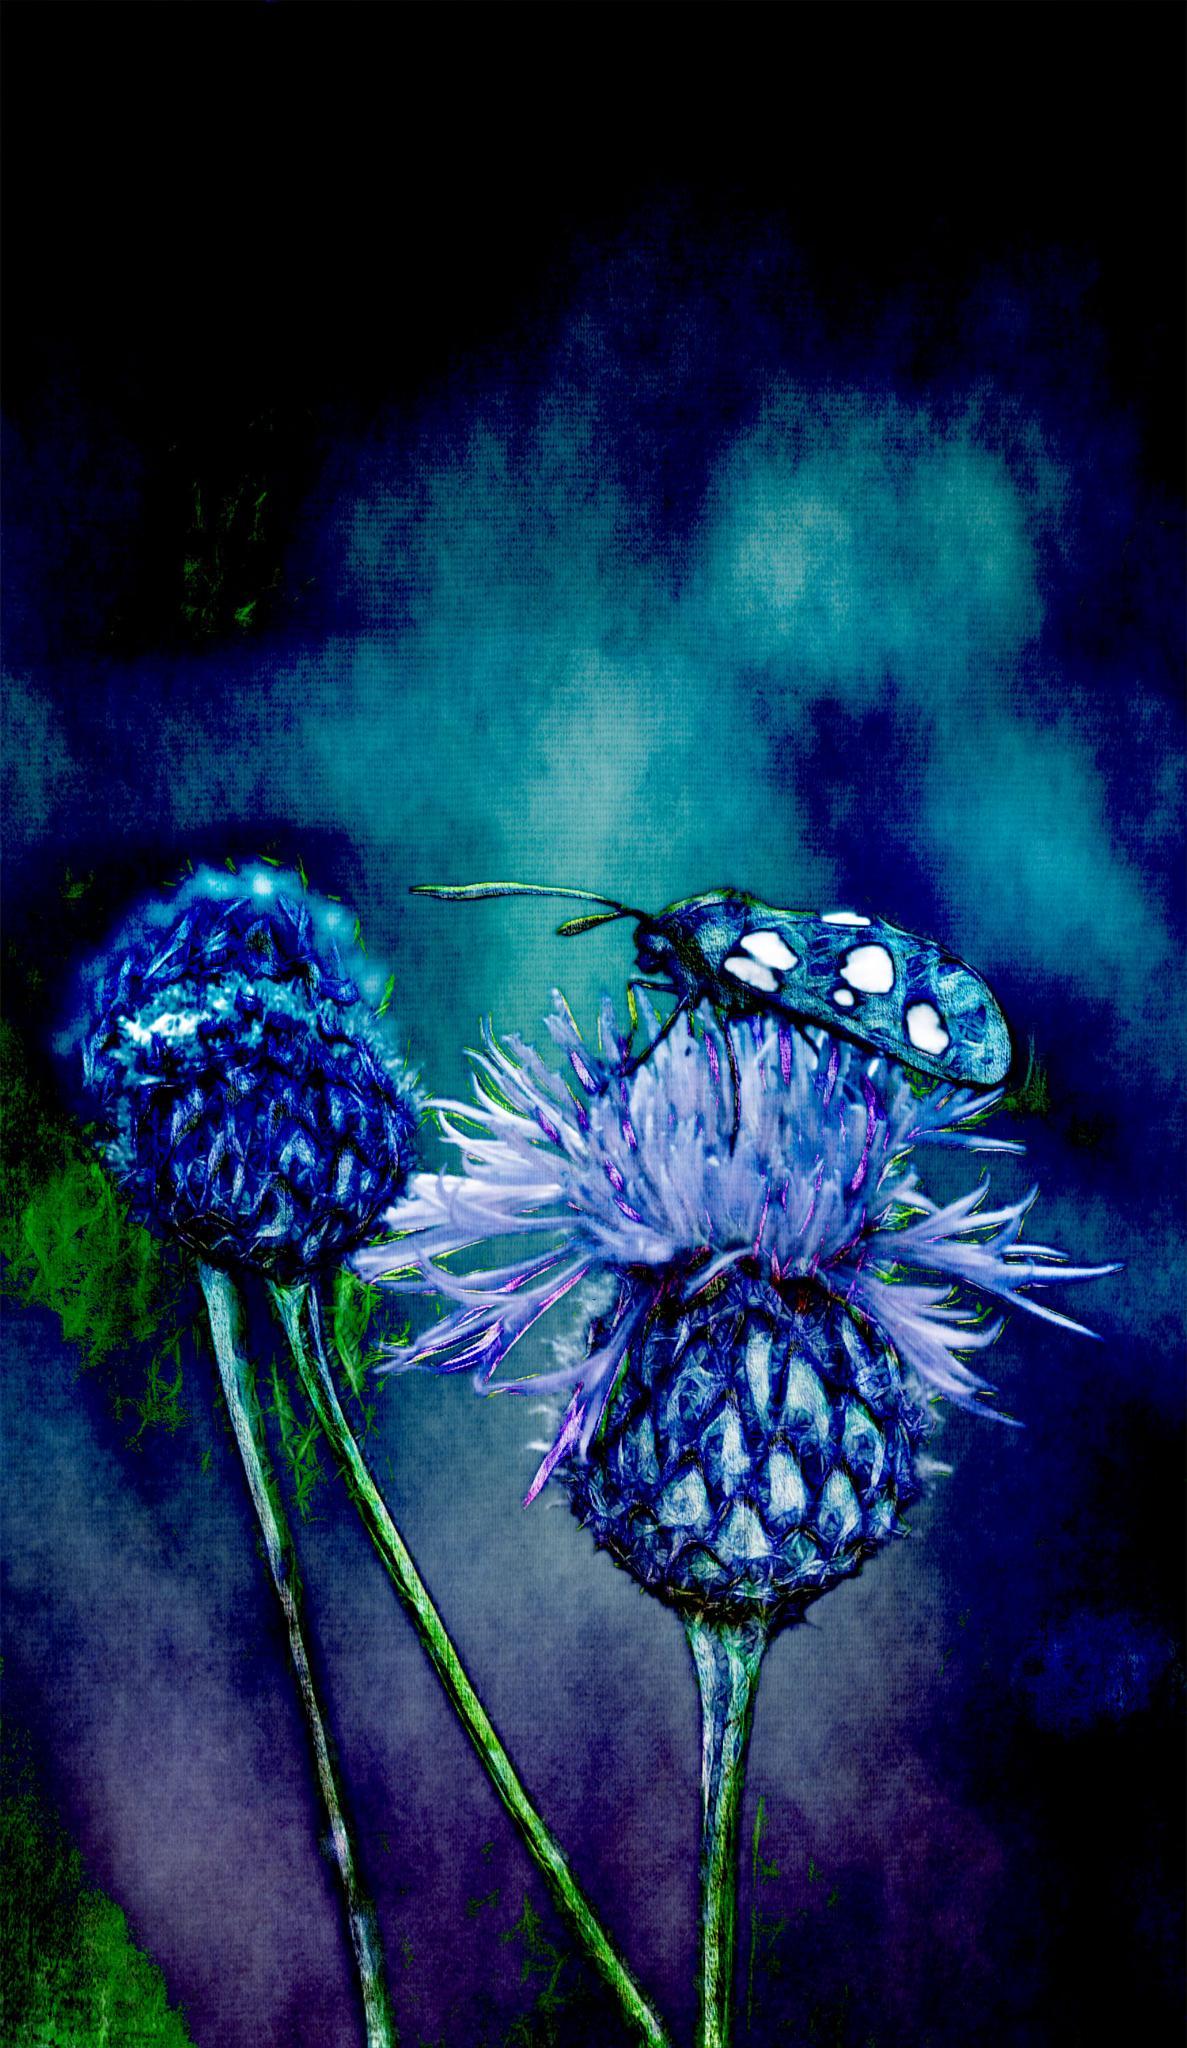 Night Amongst the Plants by mminoguekarlsson